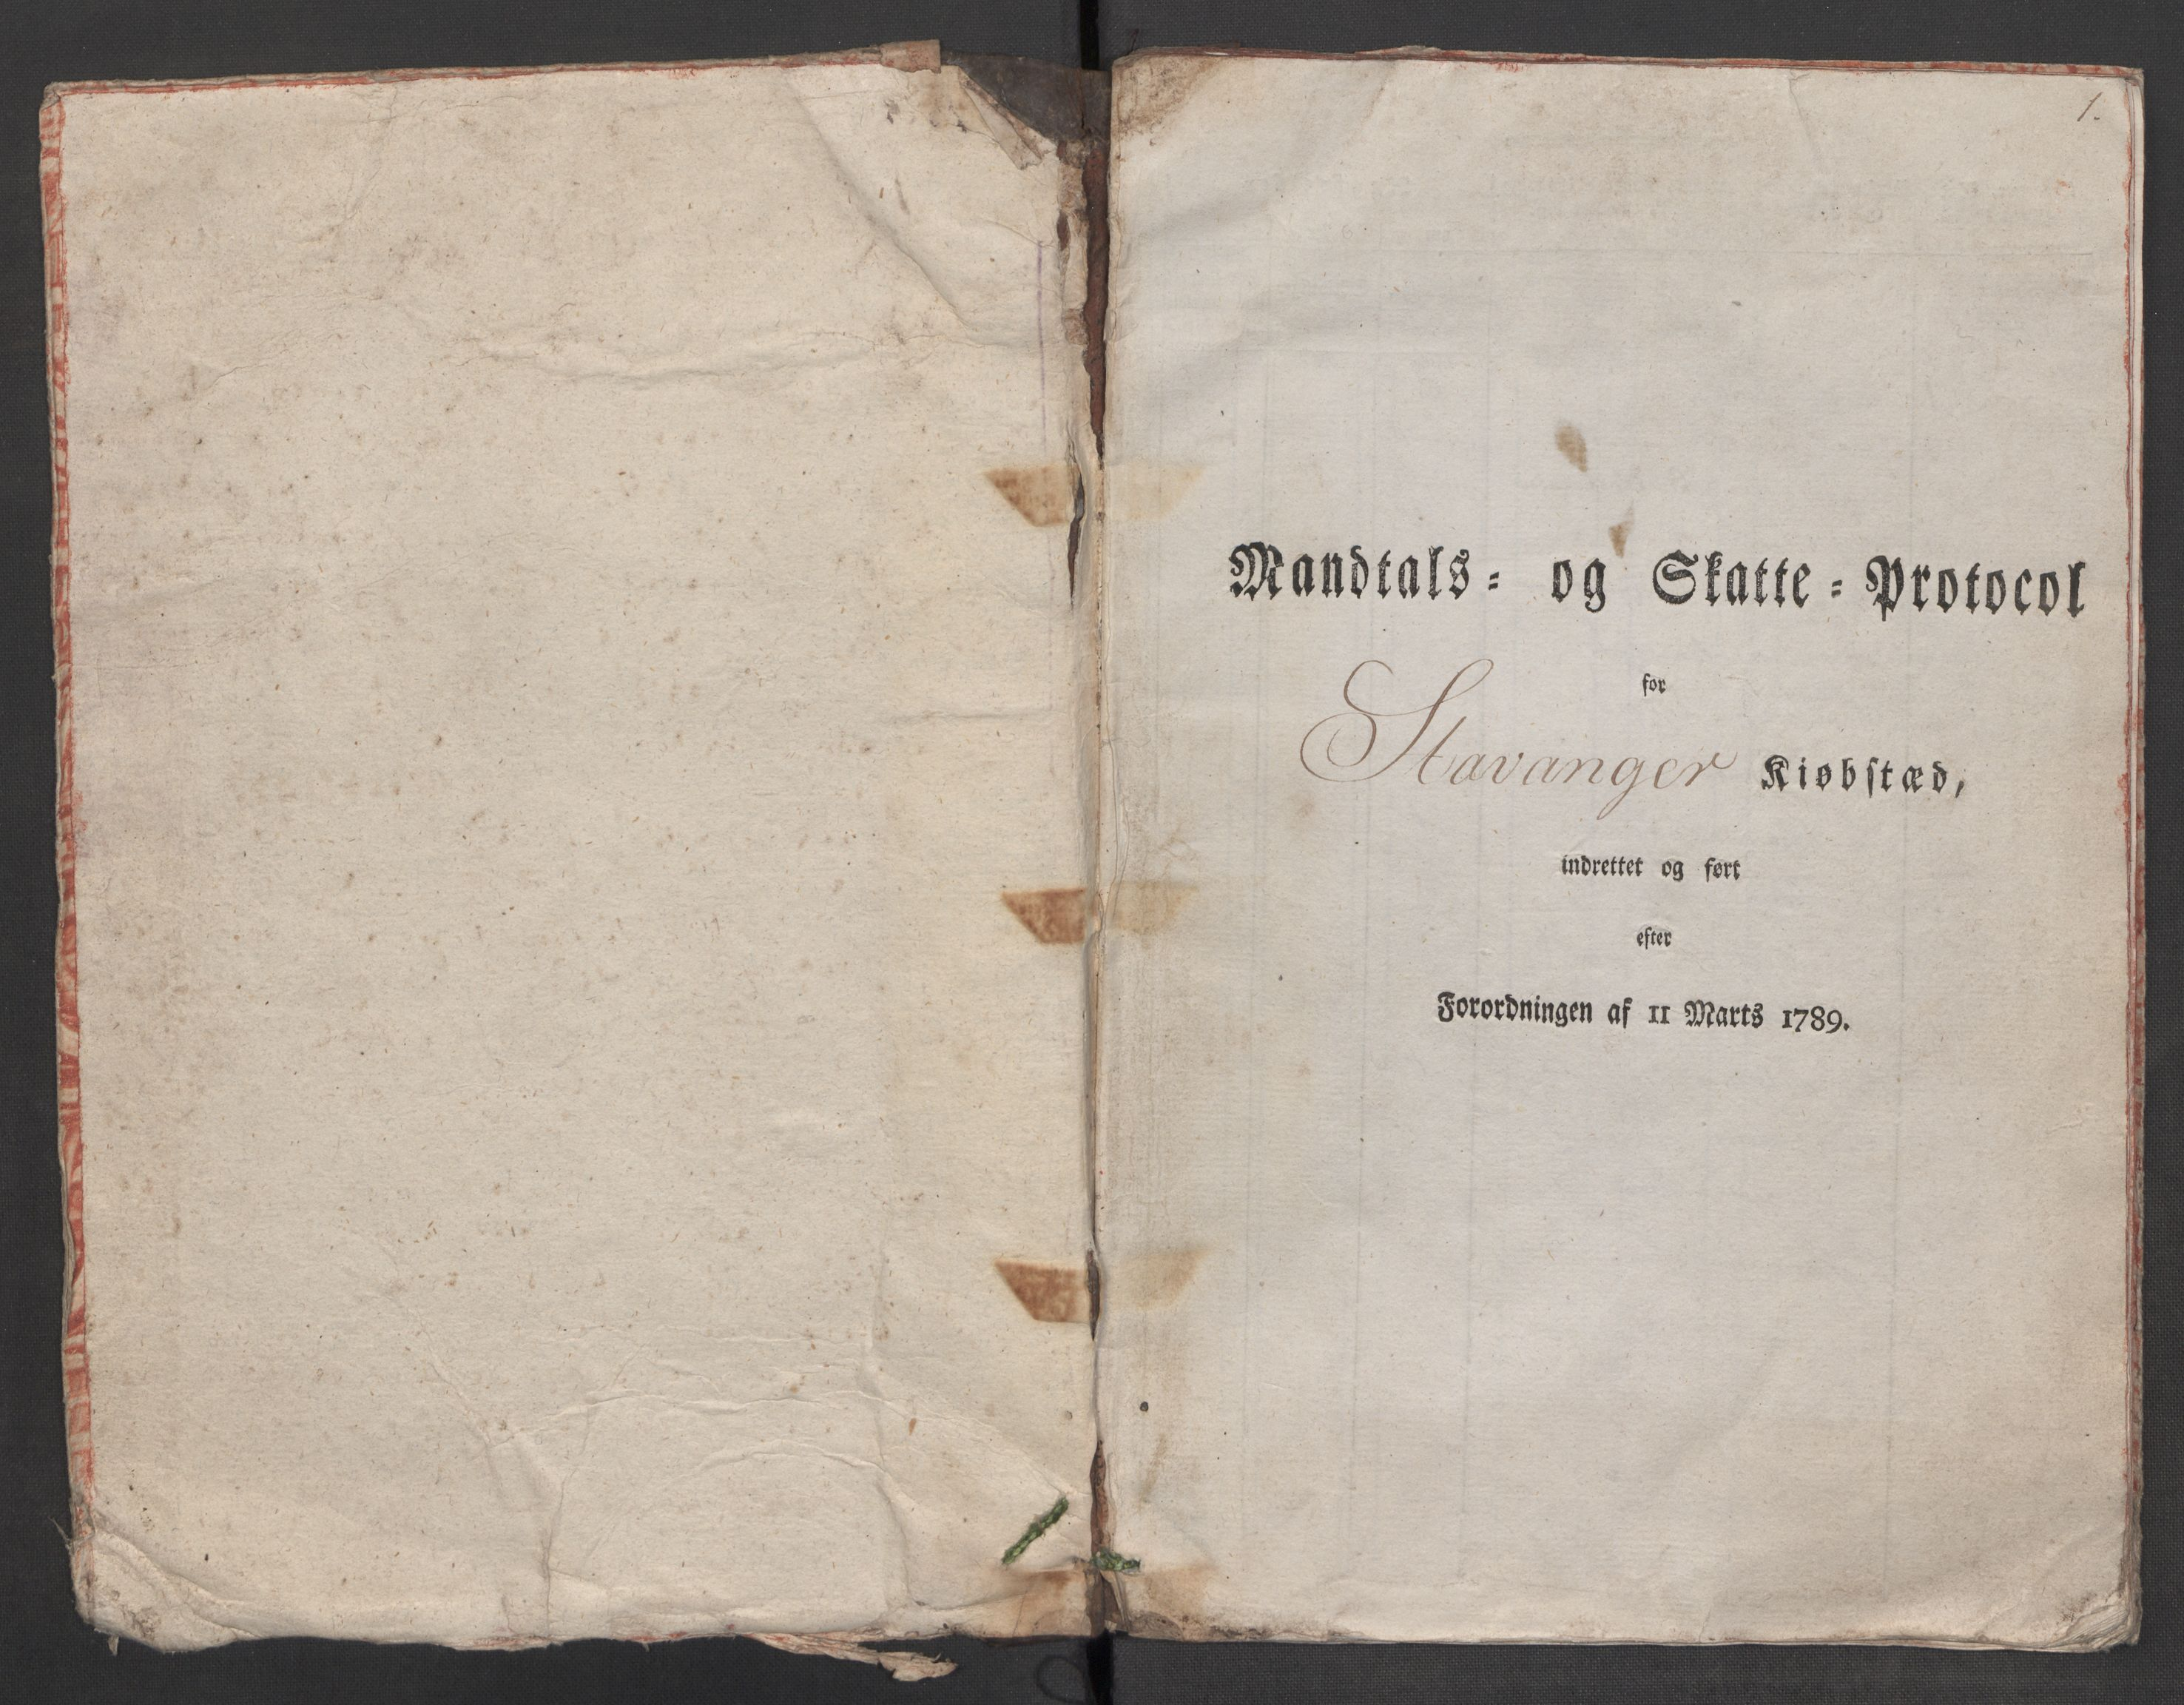 RA, Rentekammeret inntil 1814, Reviderte regnskaper, Mindre regnskaper, Rf/Rfe/L0045: Stavanger, Stjørdal og Verdal fogderi, 1789, s. 39